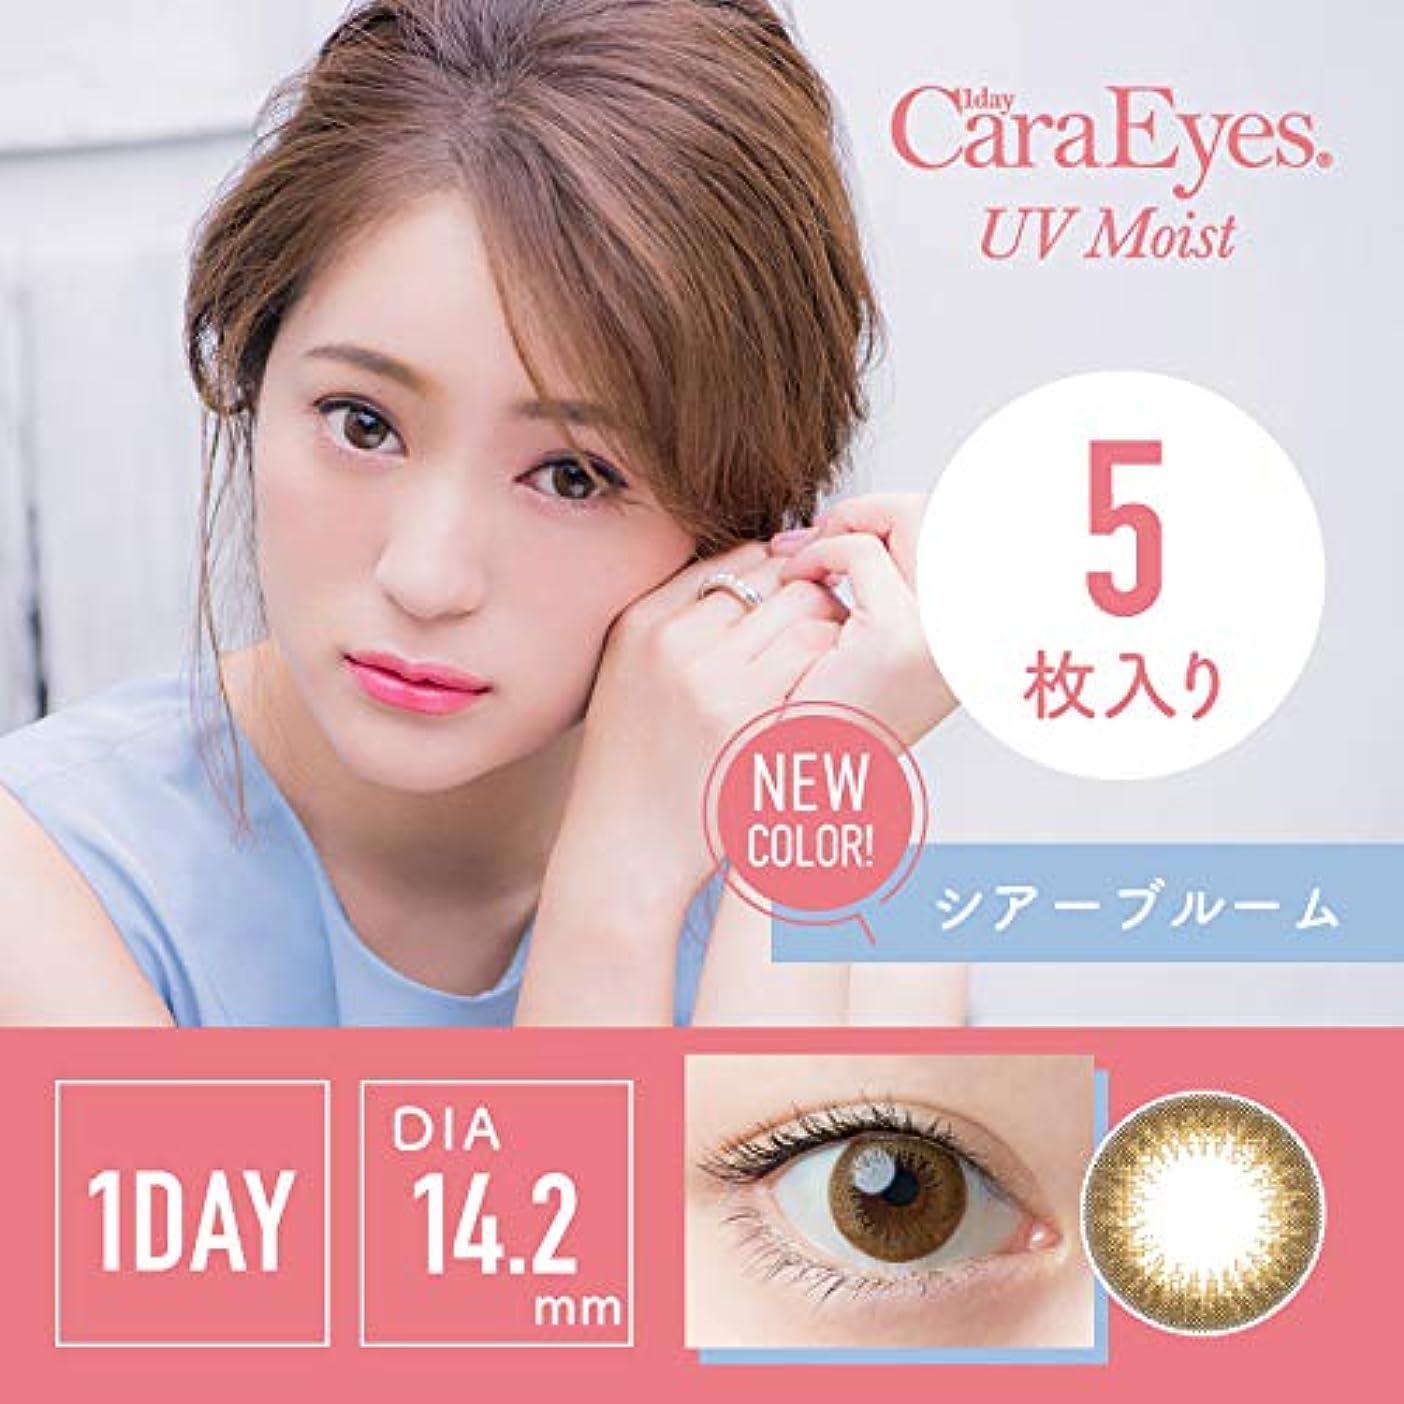 連続したシャープ肘ワンデーキャラアイUV&モイスト カラーシリーズ 5枚入 【シアーブルーム】 -7.50